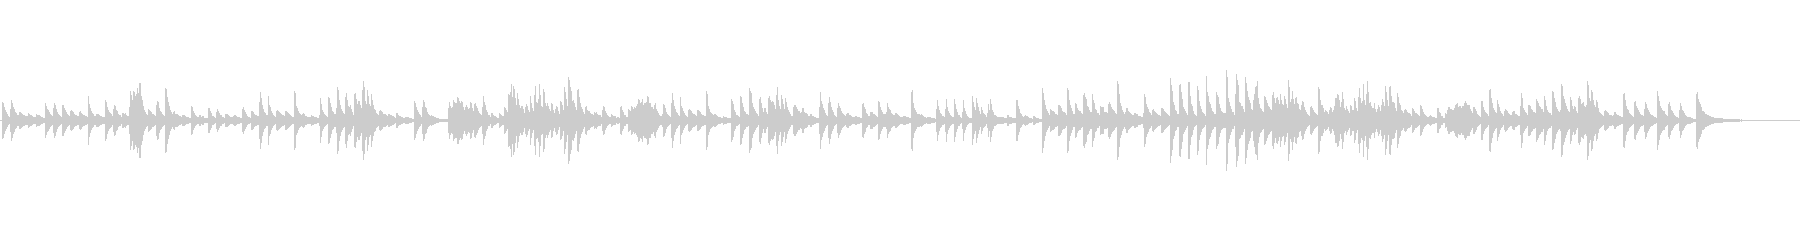 [オルゴール] ショパン  ノクターンの未再生の波形